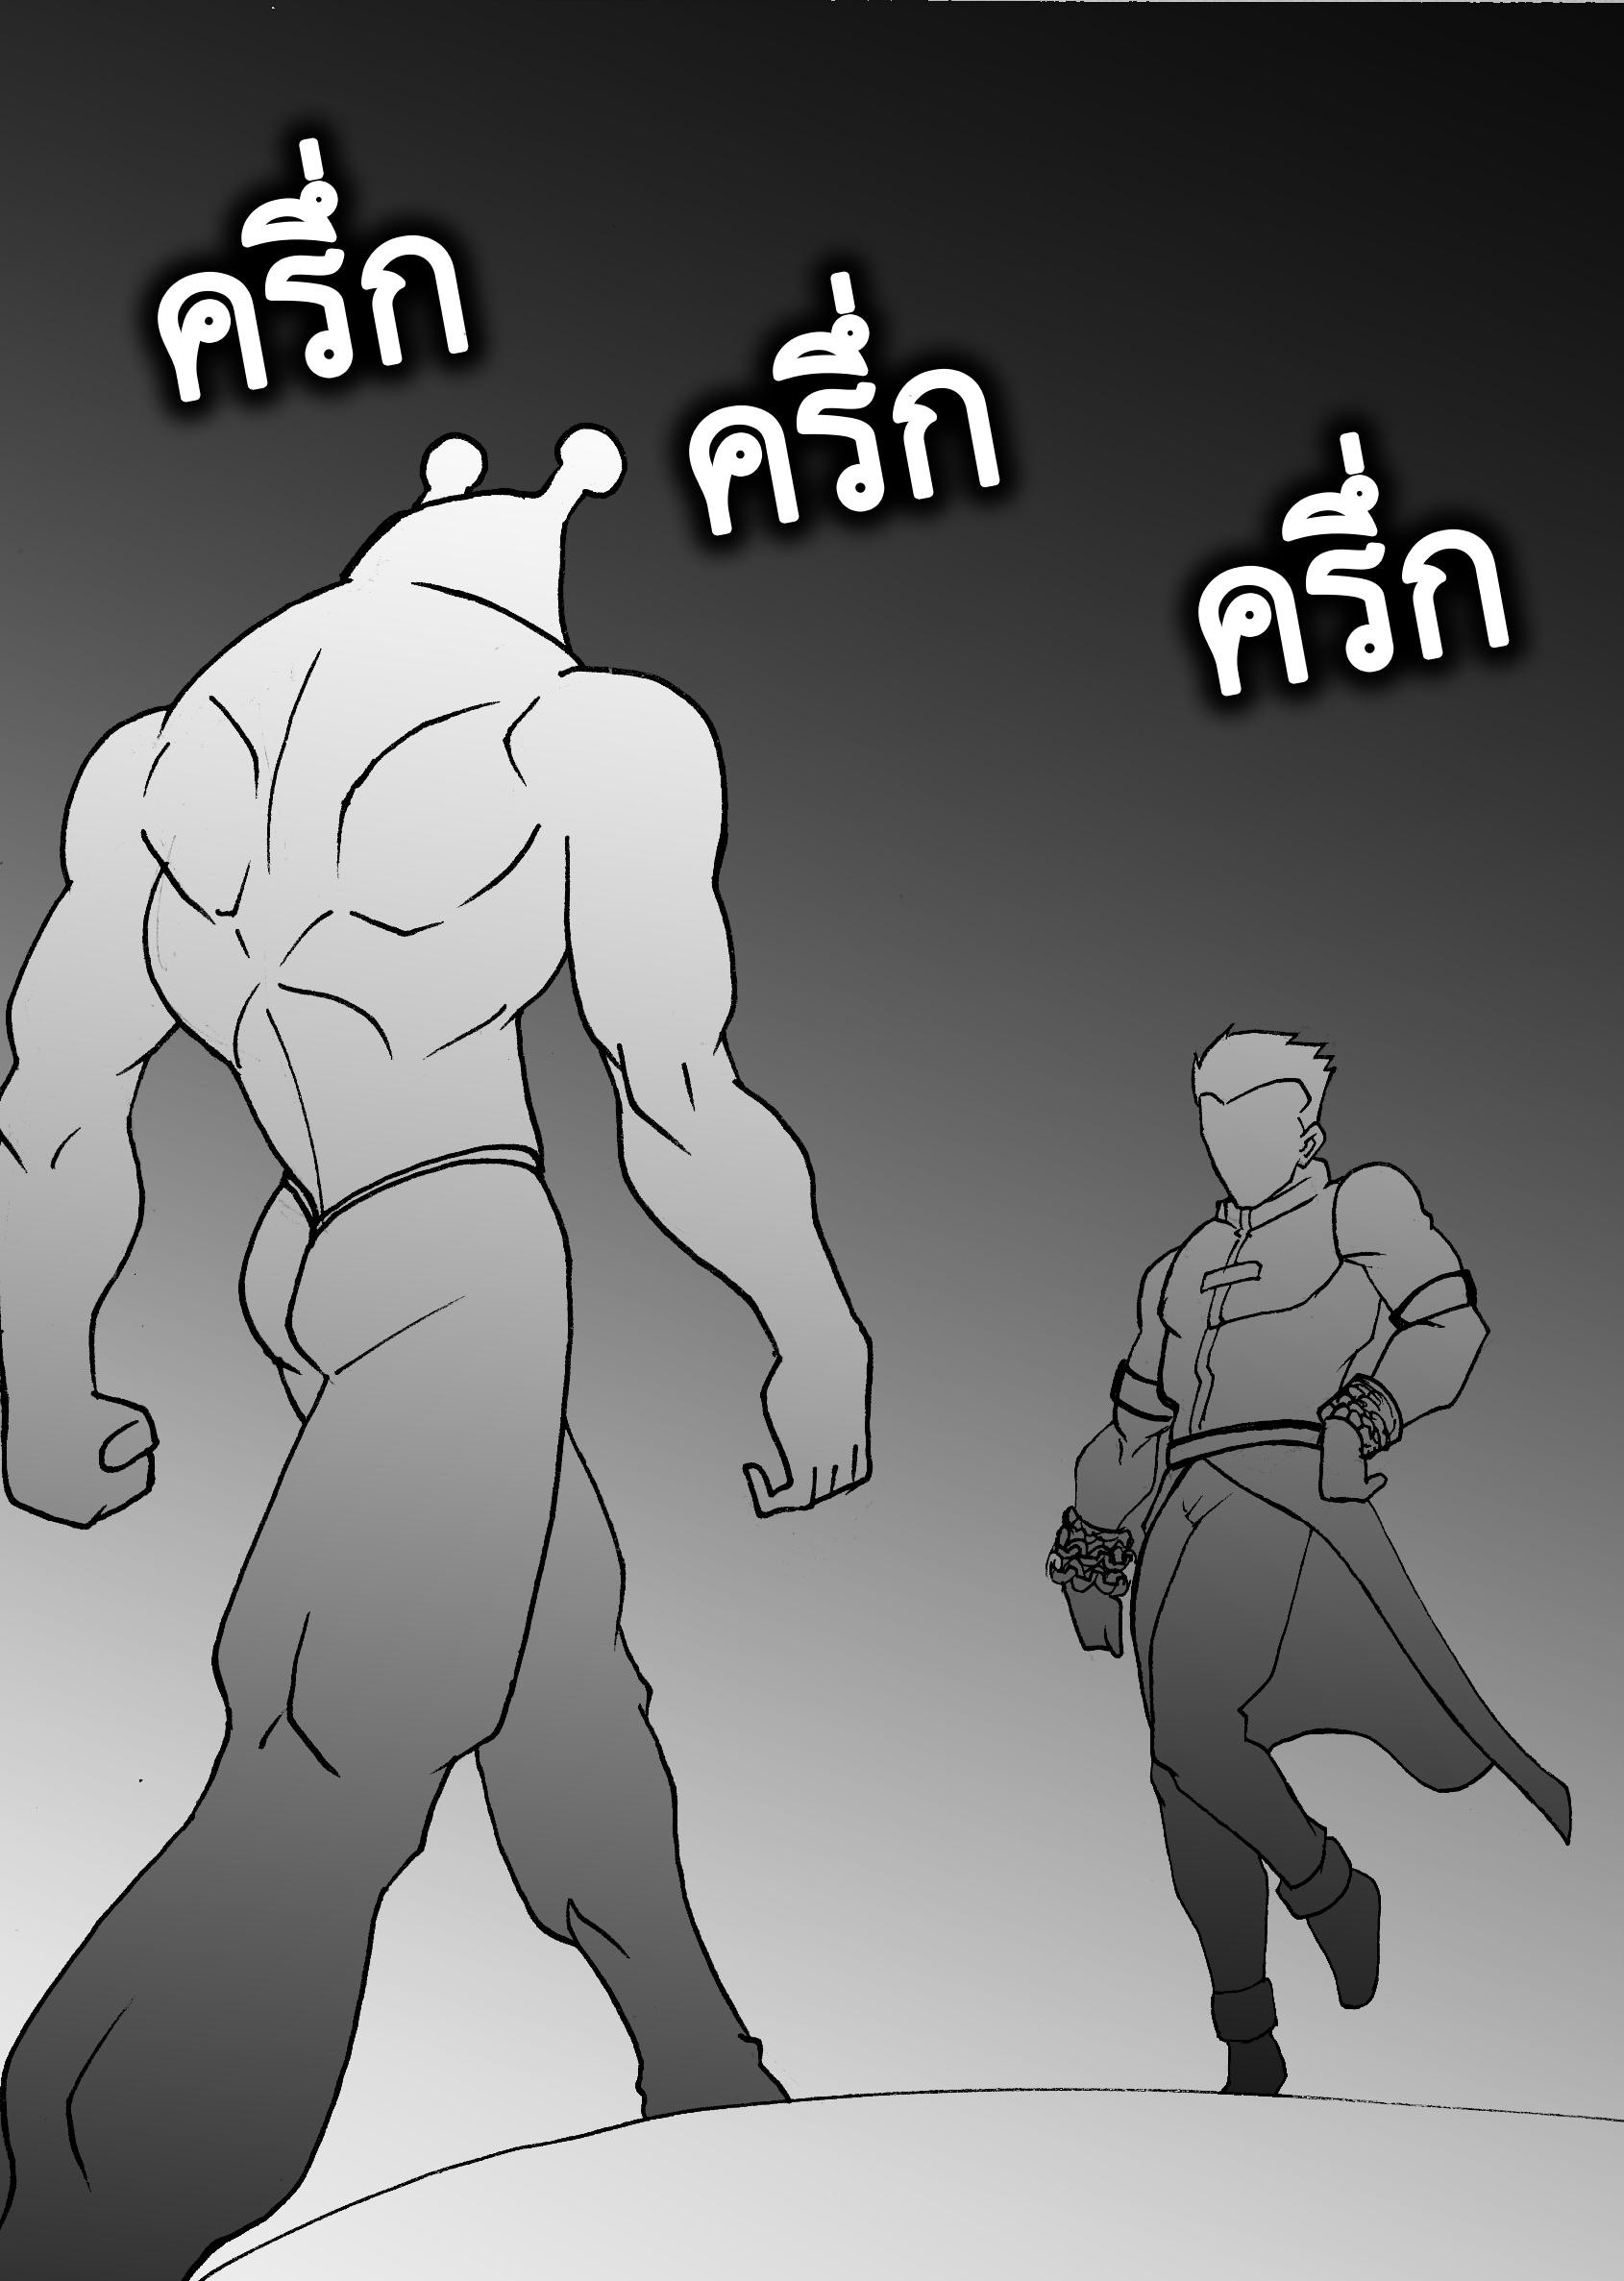 บทที่ 5 - การต่อสู้ที่บ้าคลั่ง